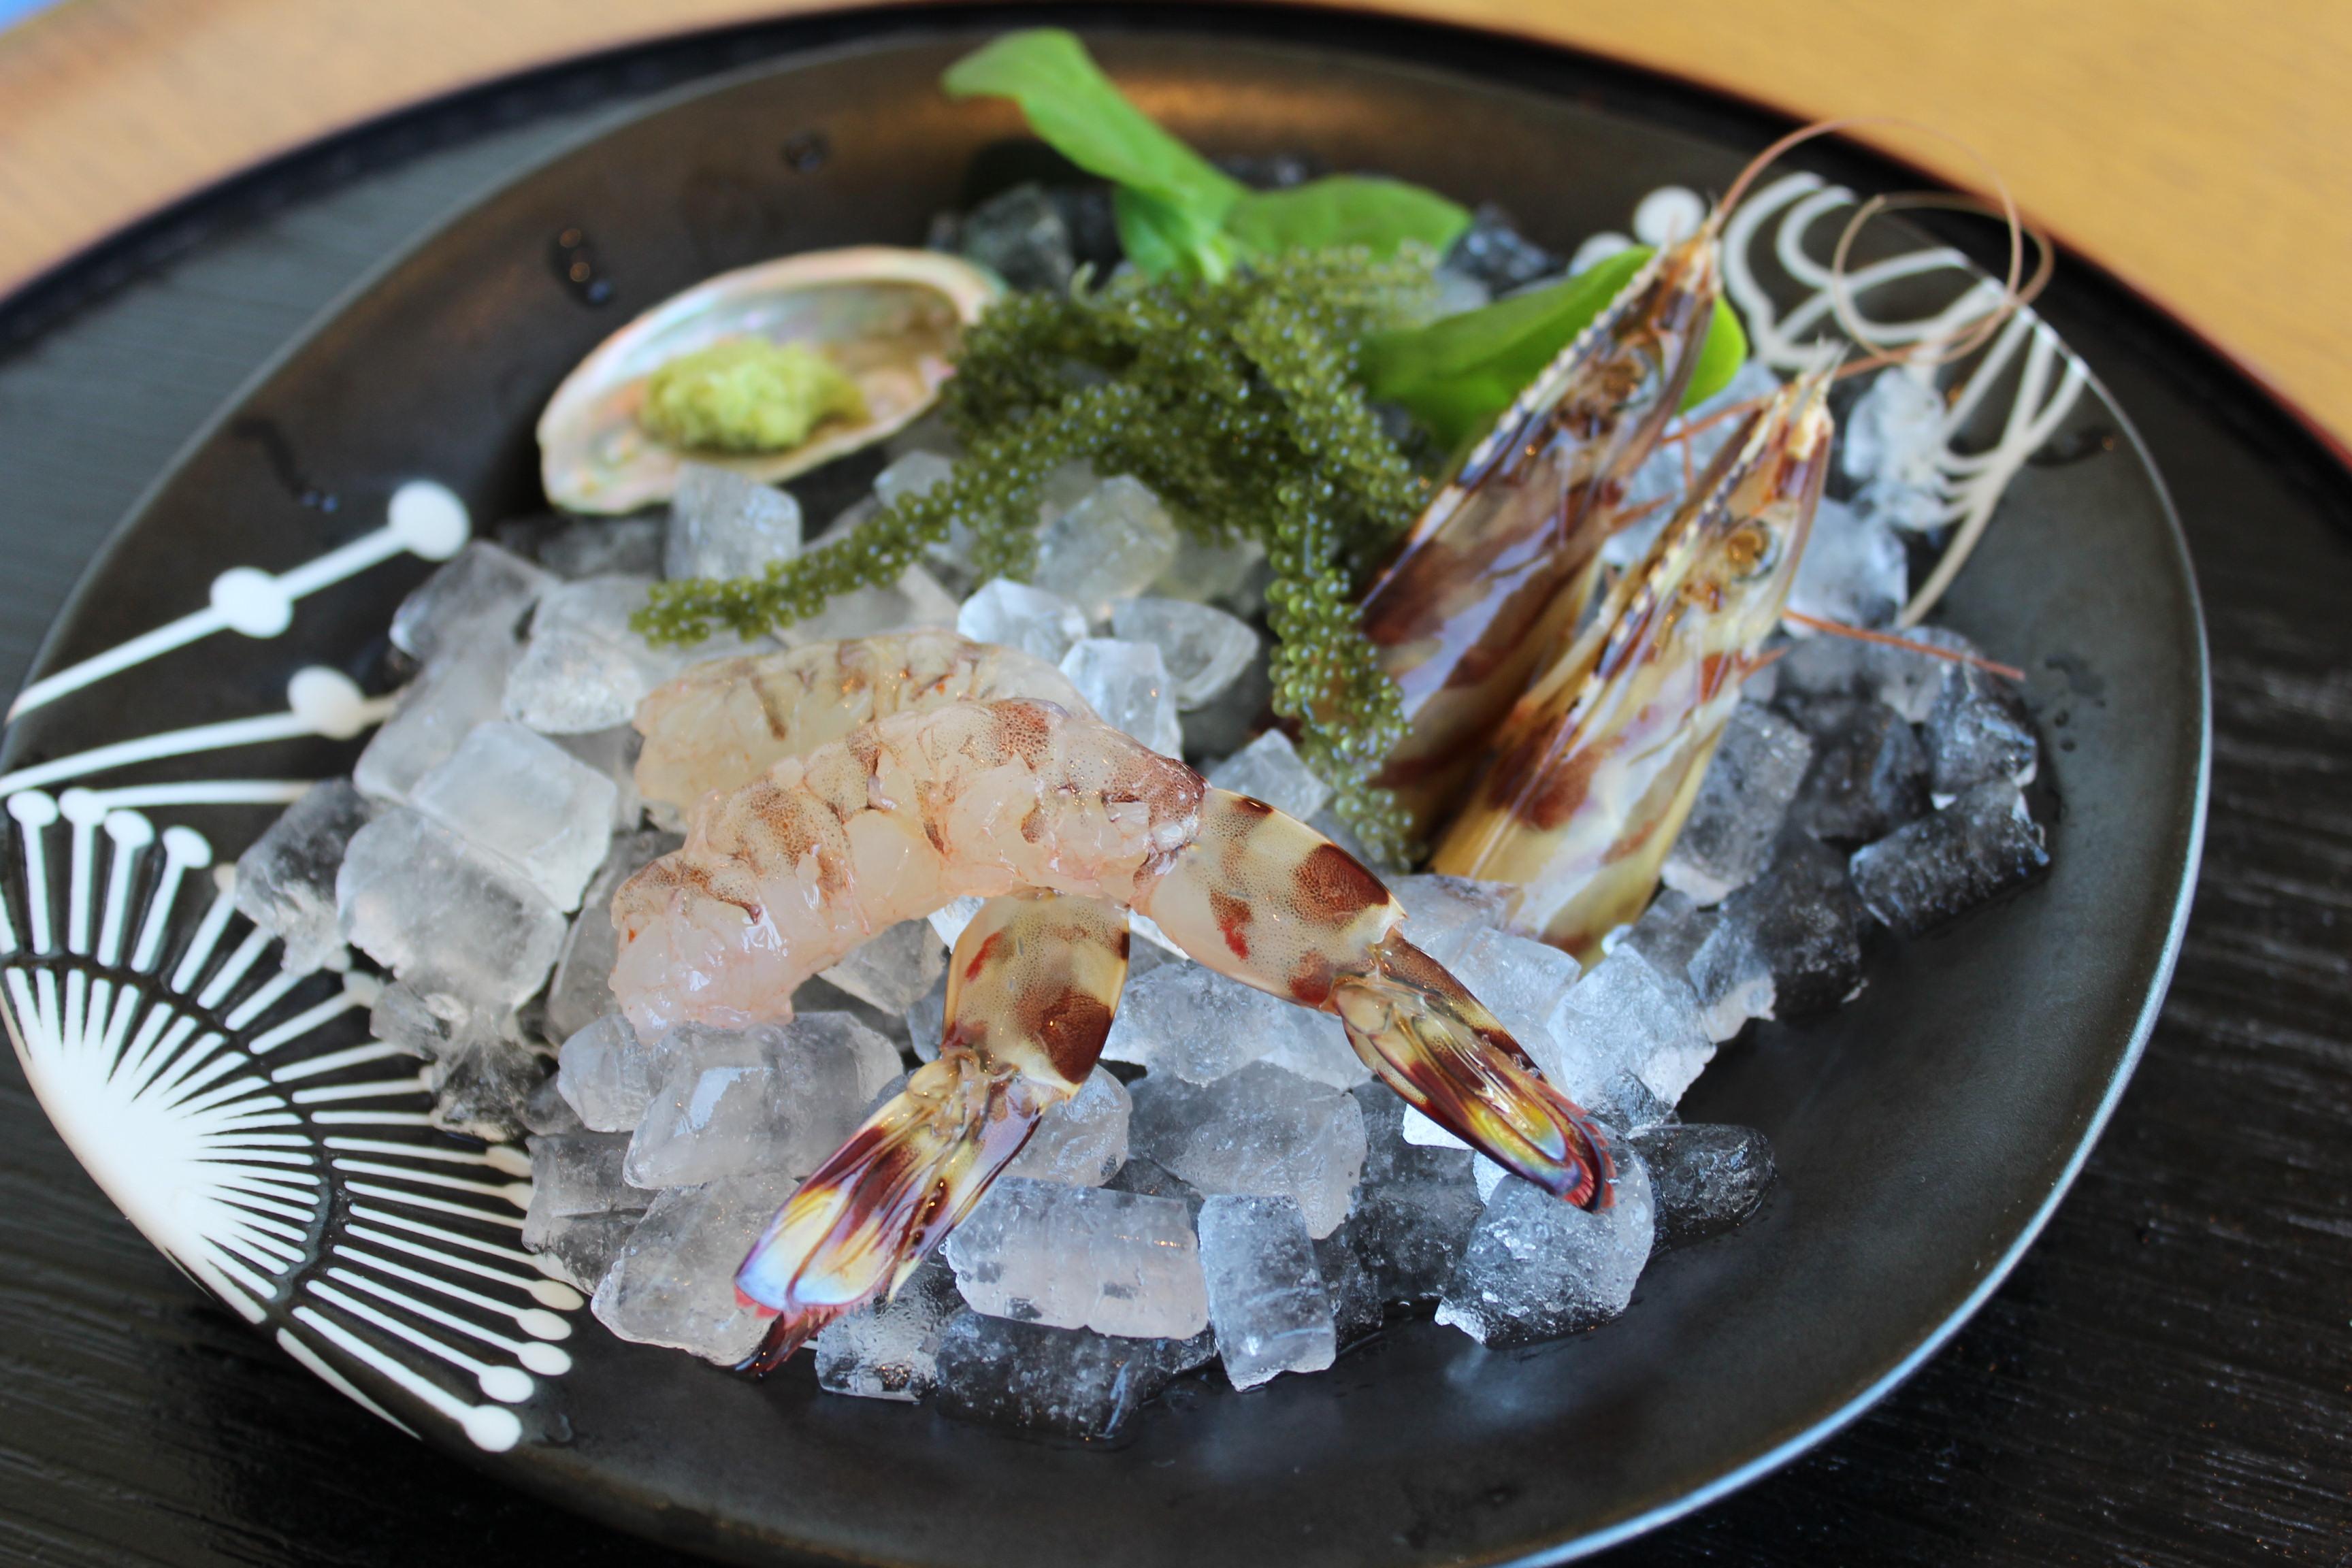 宮古島,沖縄,キャバクラ,ブログ,グルメ,刺身